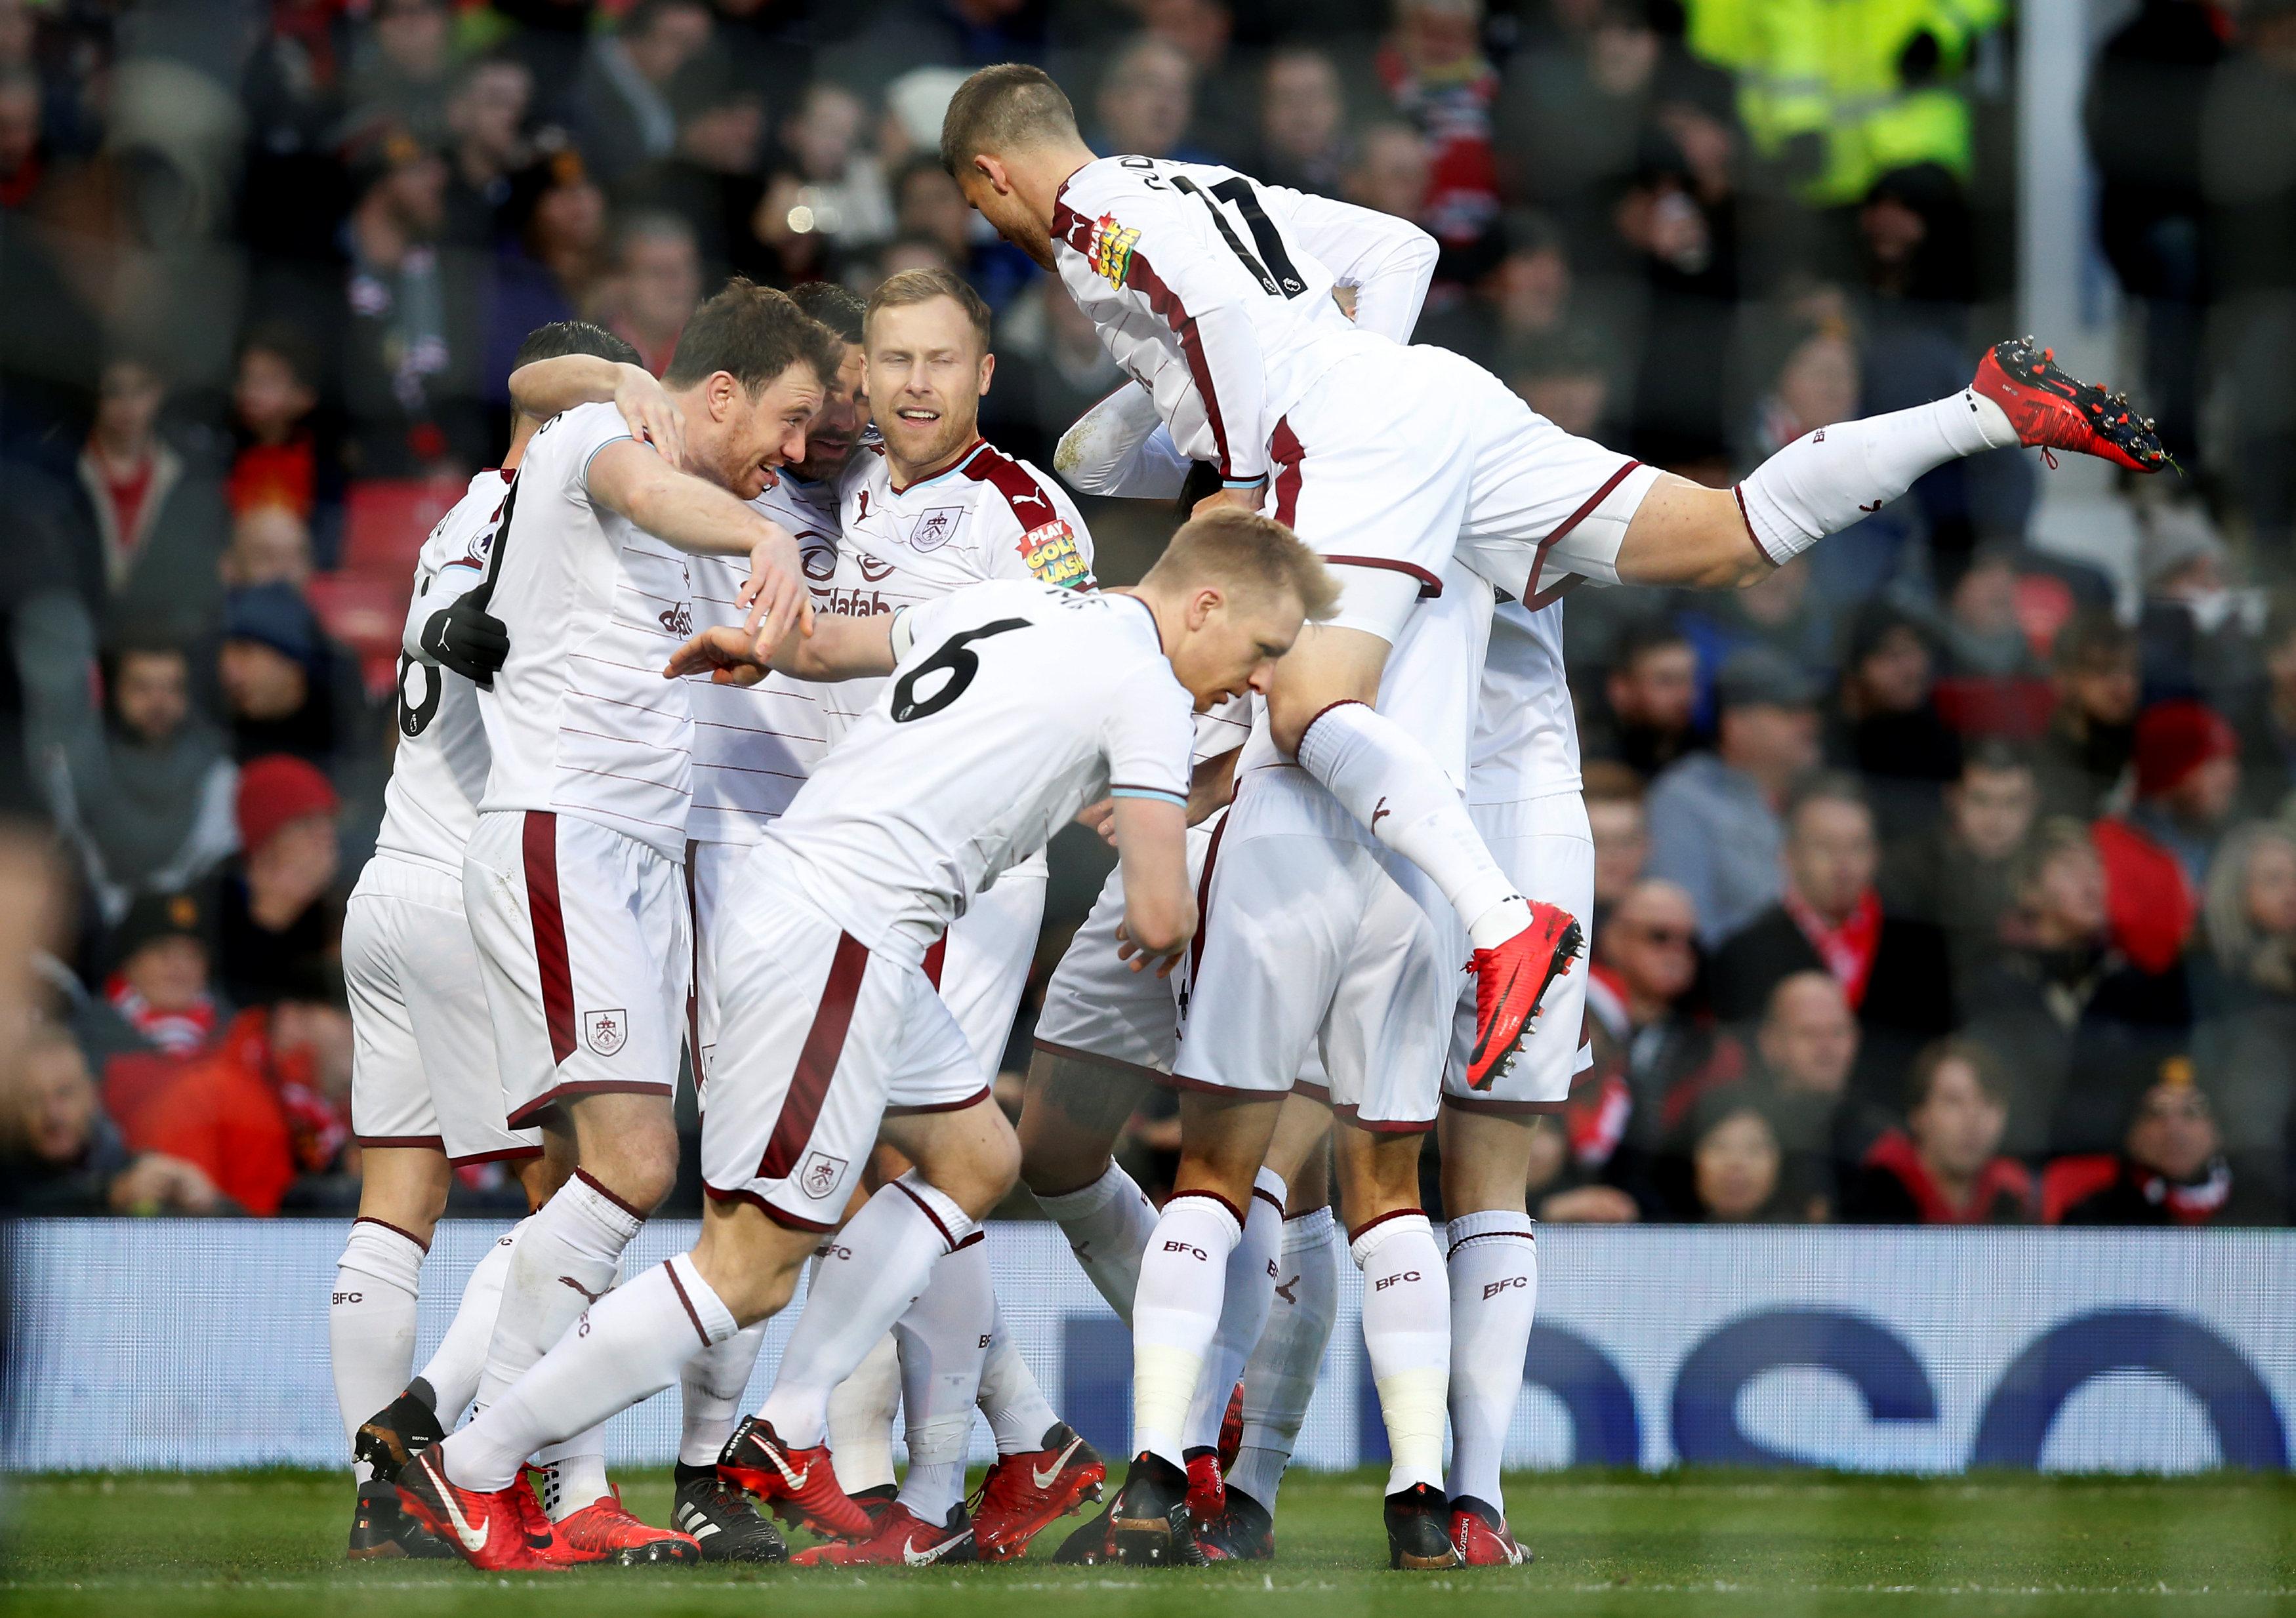 Niềm vui của các cầu thủ Burnley sau khi Barnes mở tỉ số. Ảnh: REUTERS